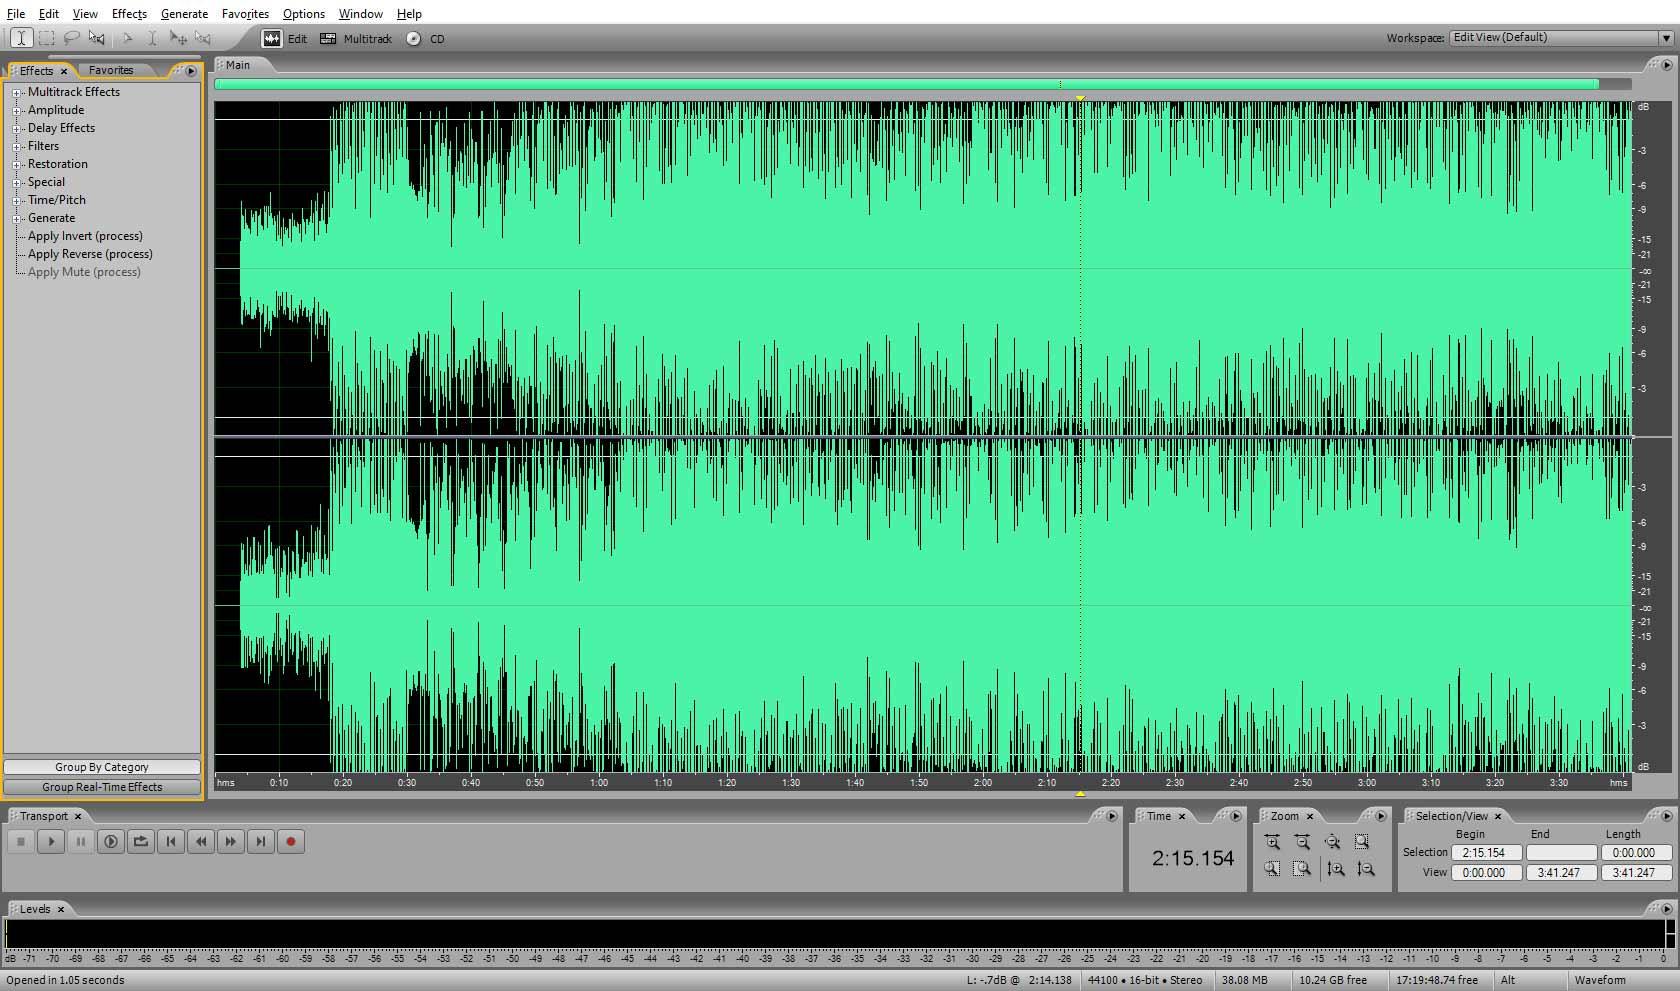 Окно программы Adobe Audition (открыт аудиофайл с минусовкой)